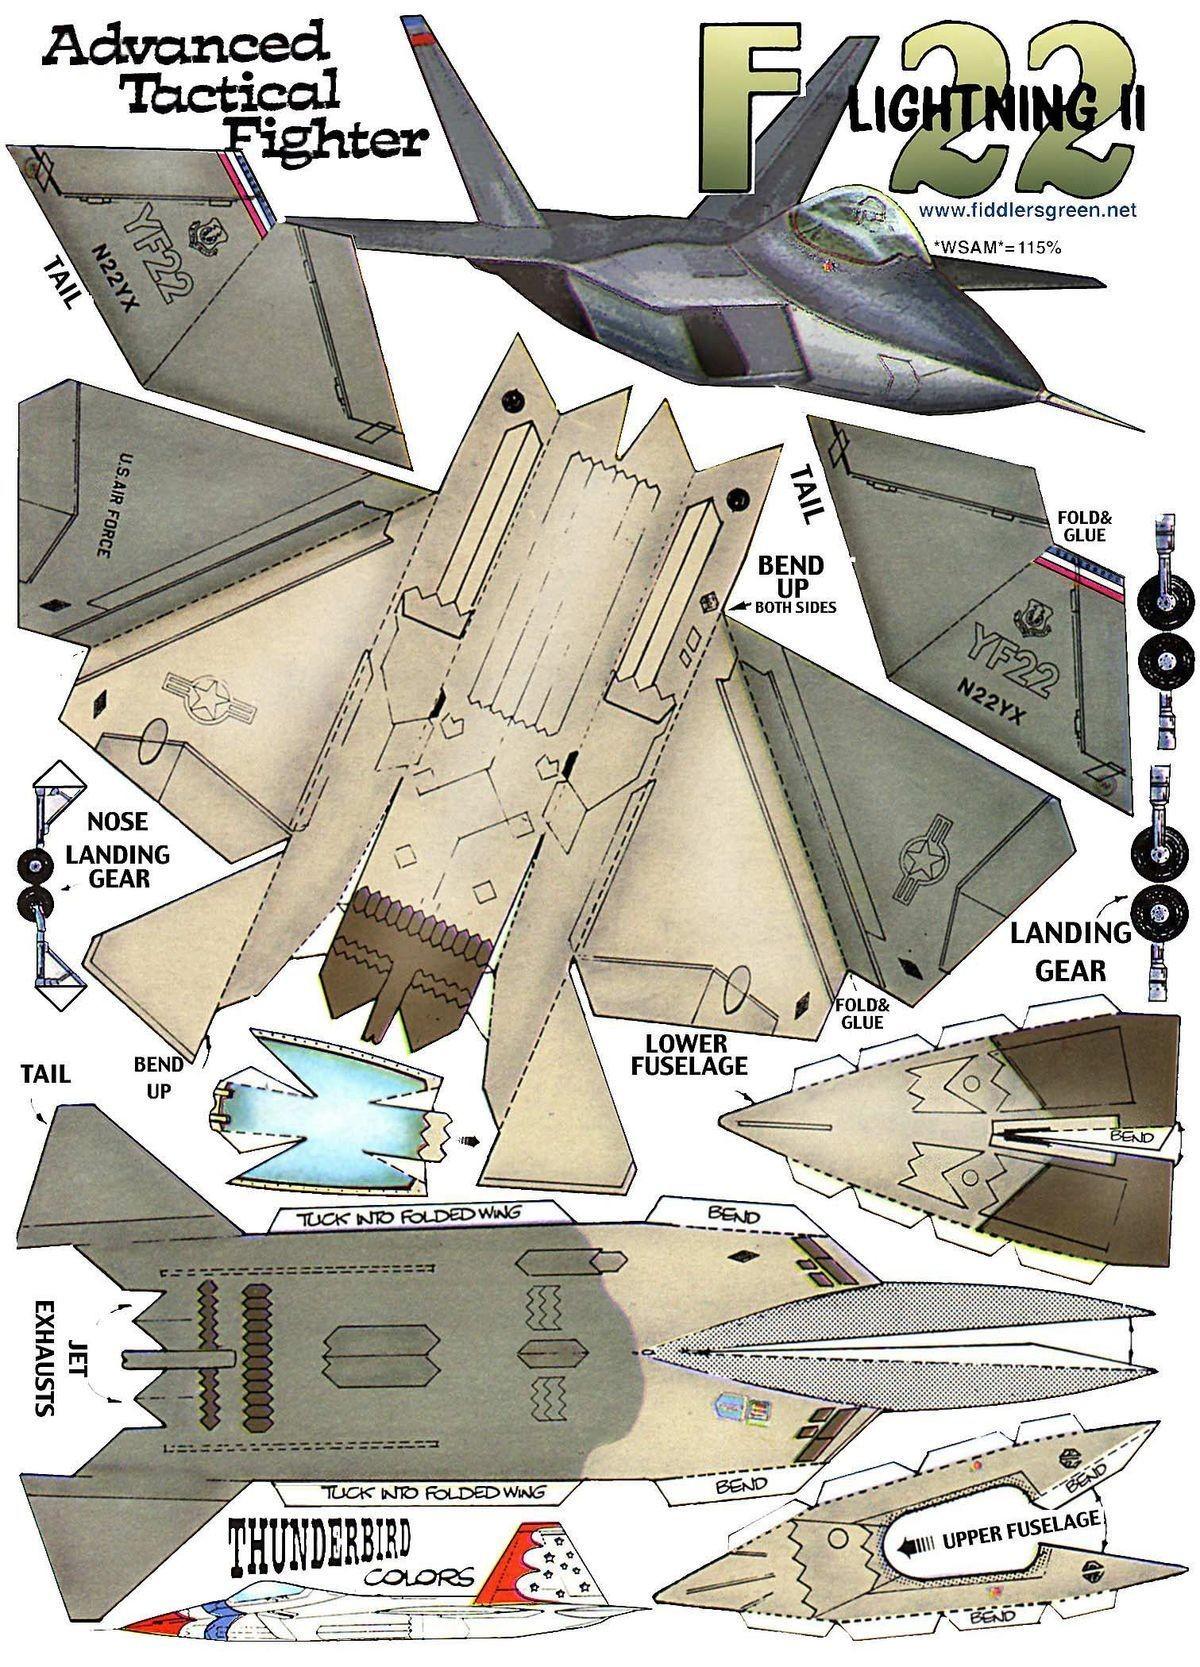 Papercraft Plane 6f182ac D378aaebcb9a A0 1 200—1 667 Pixels